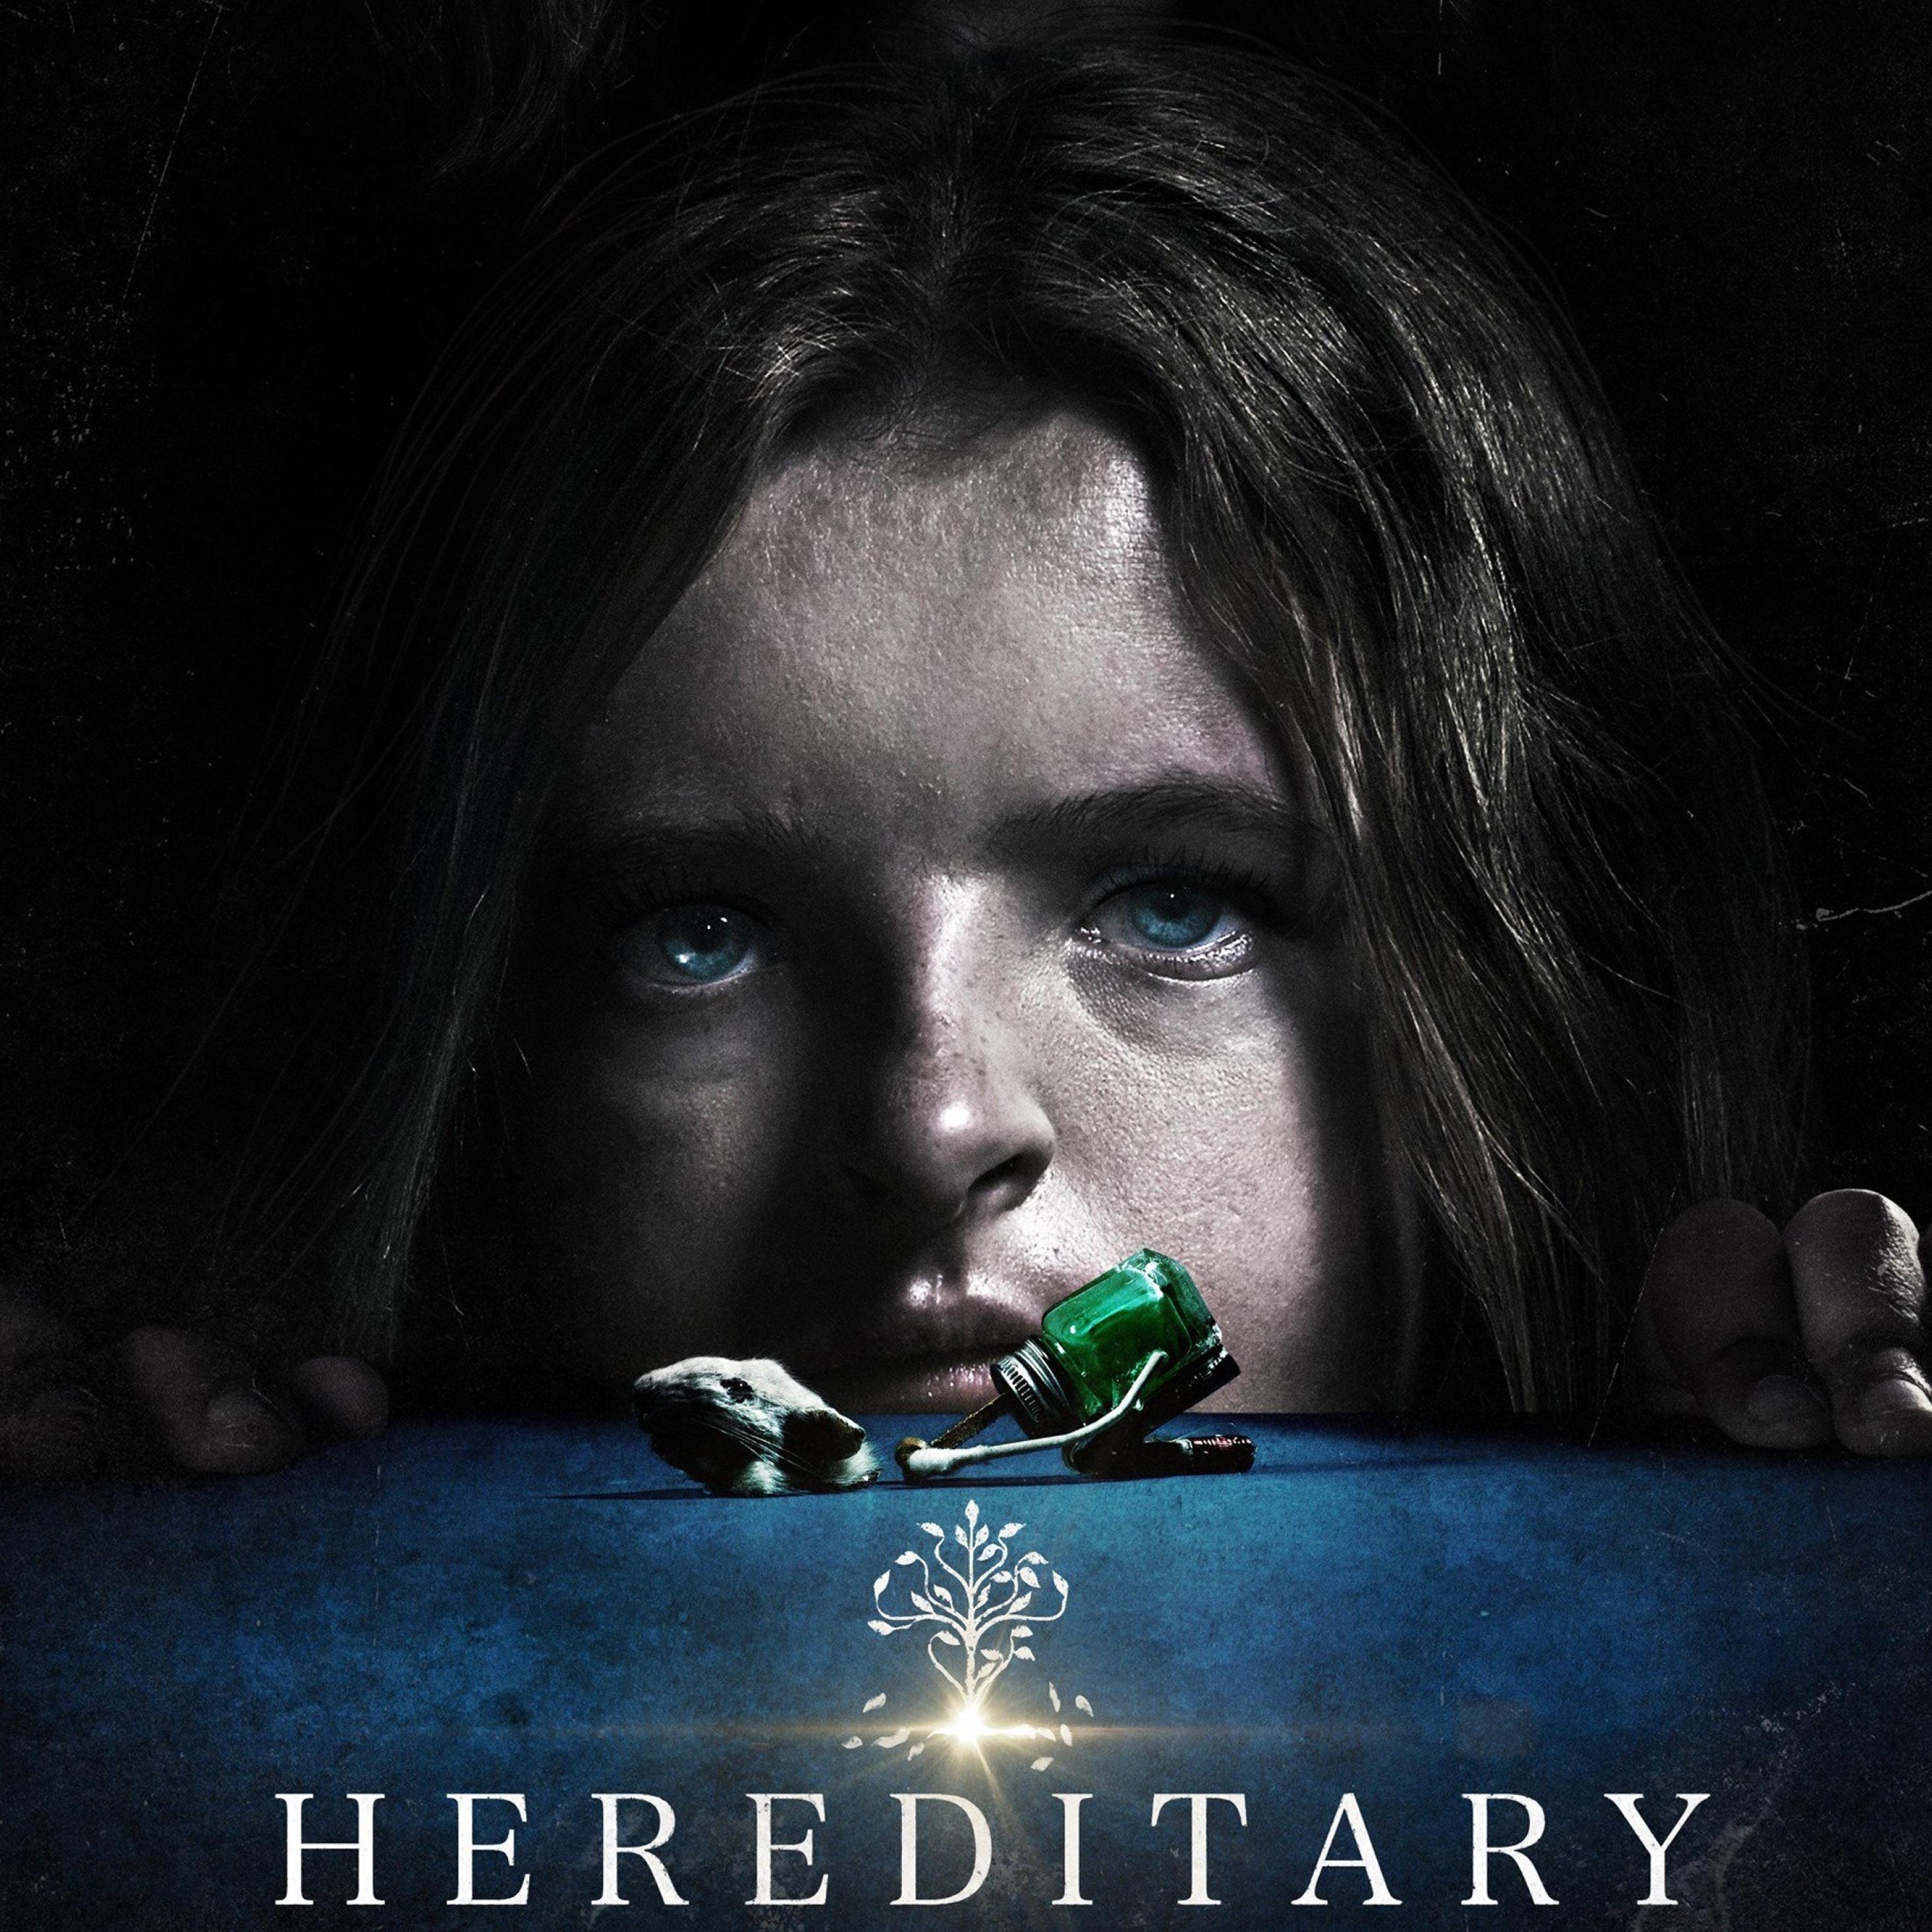 2932x2932 Hereditary 2018 Movie Poster Ipad Pro Retina Display